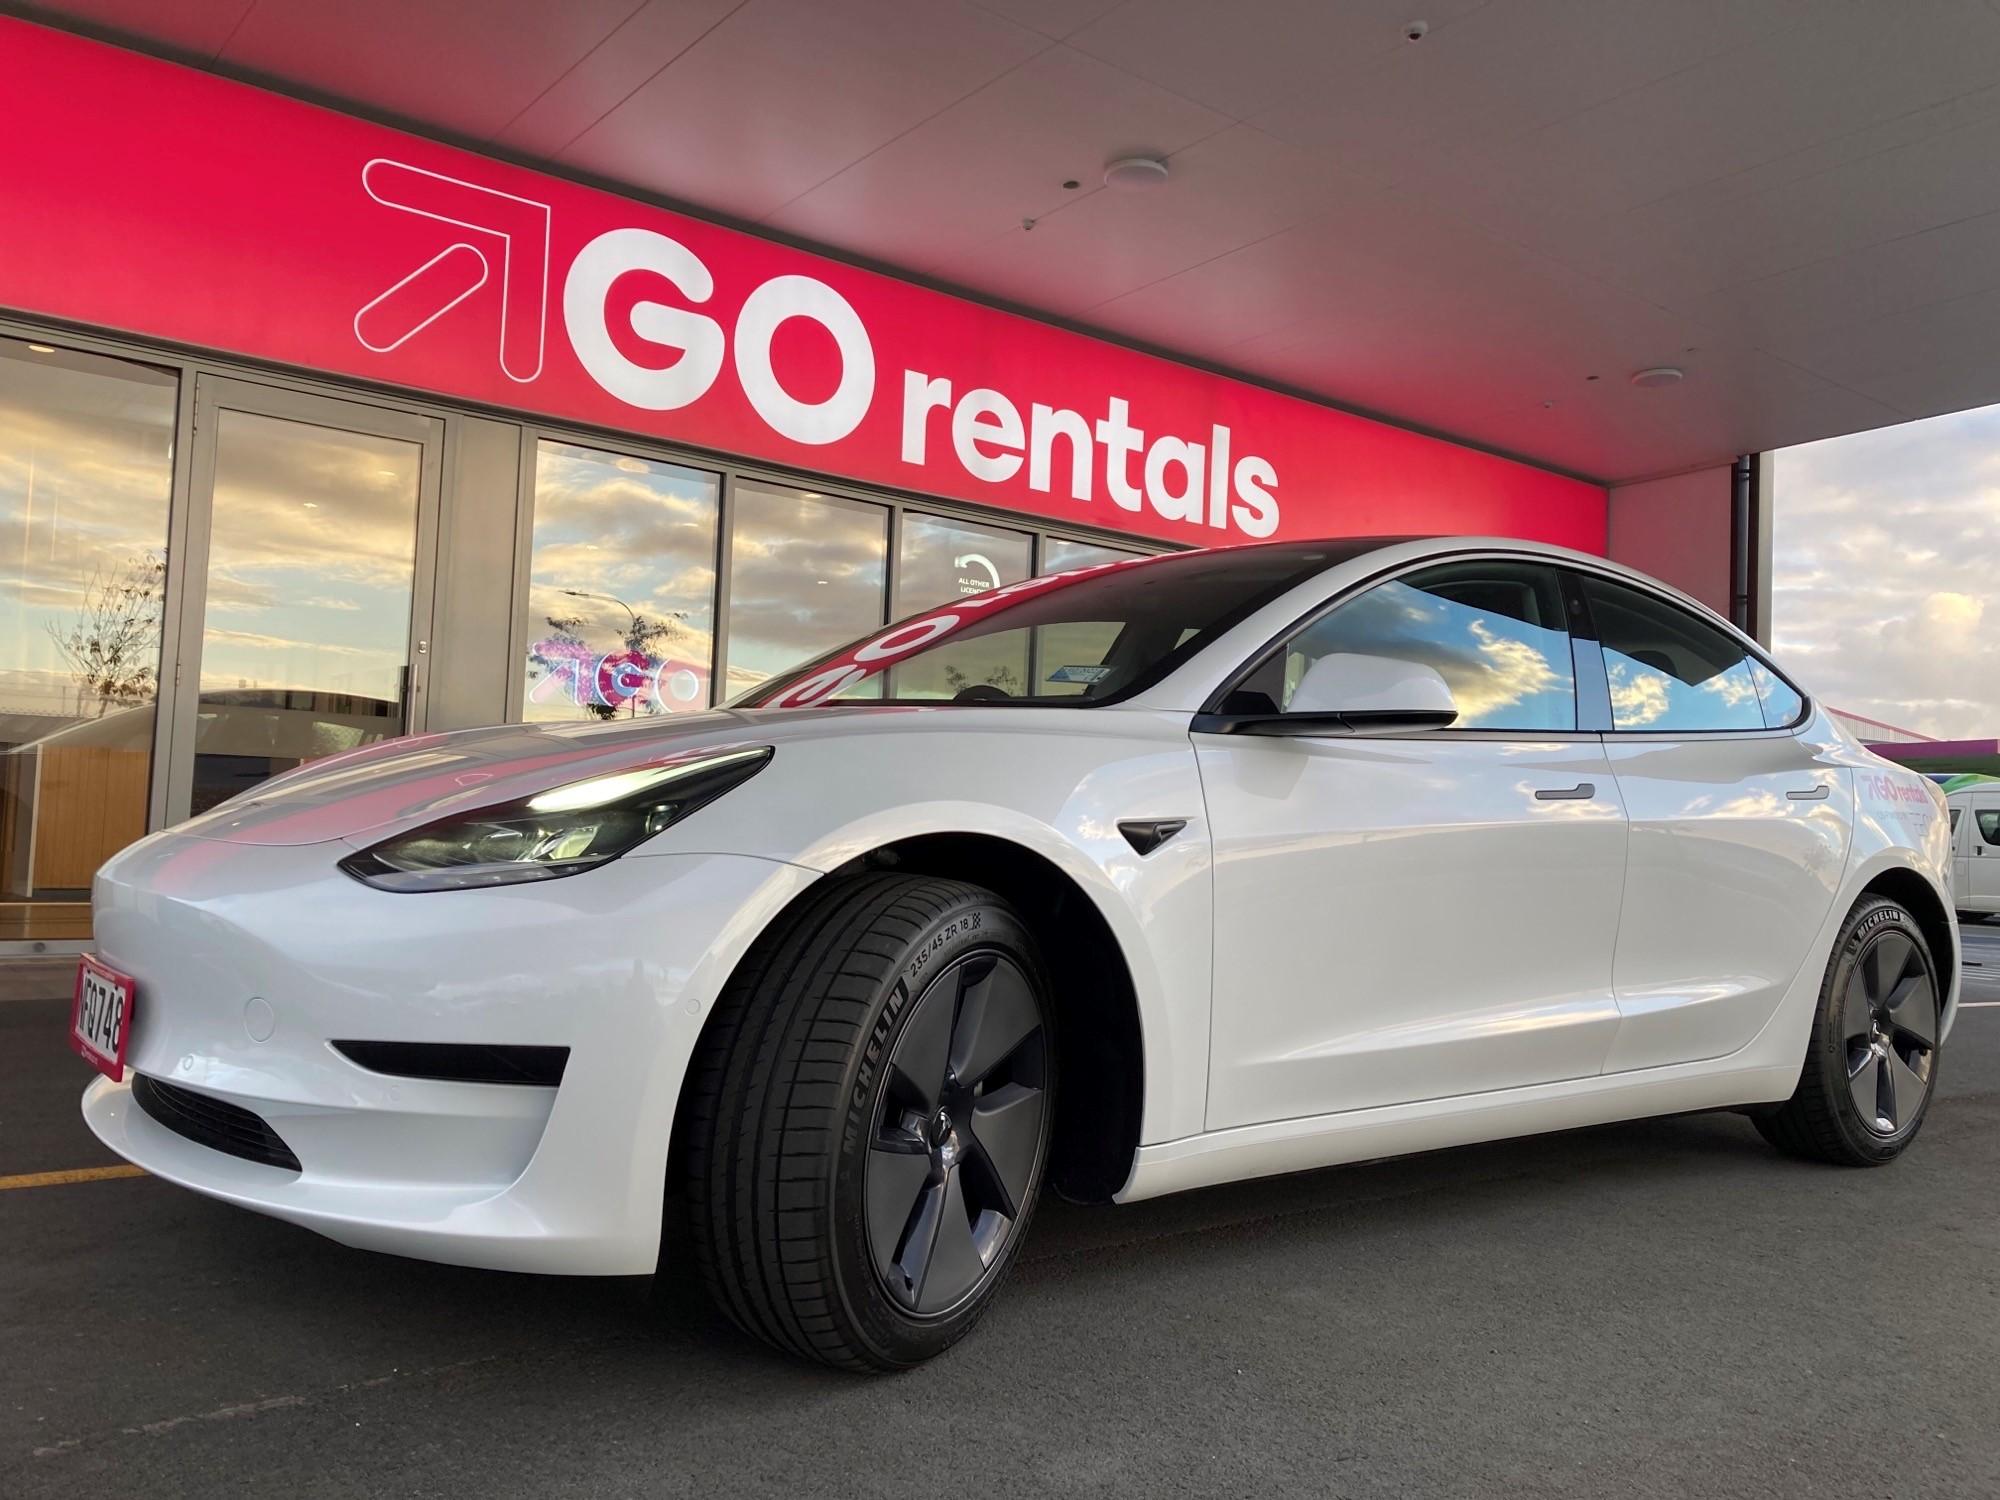 GO Rentals Adds Tesla Model 3 to Fleet